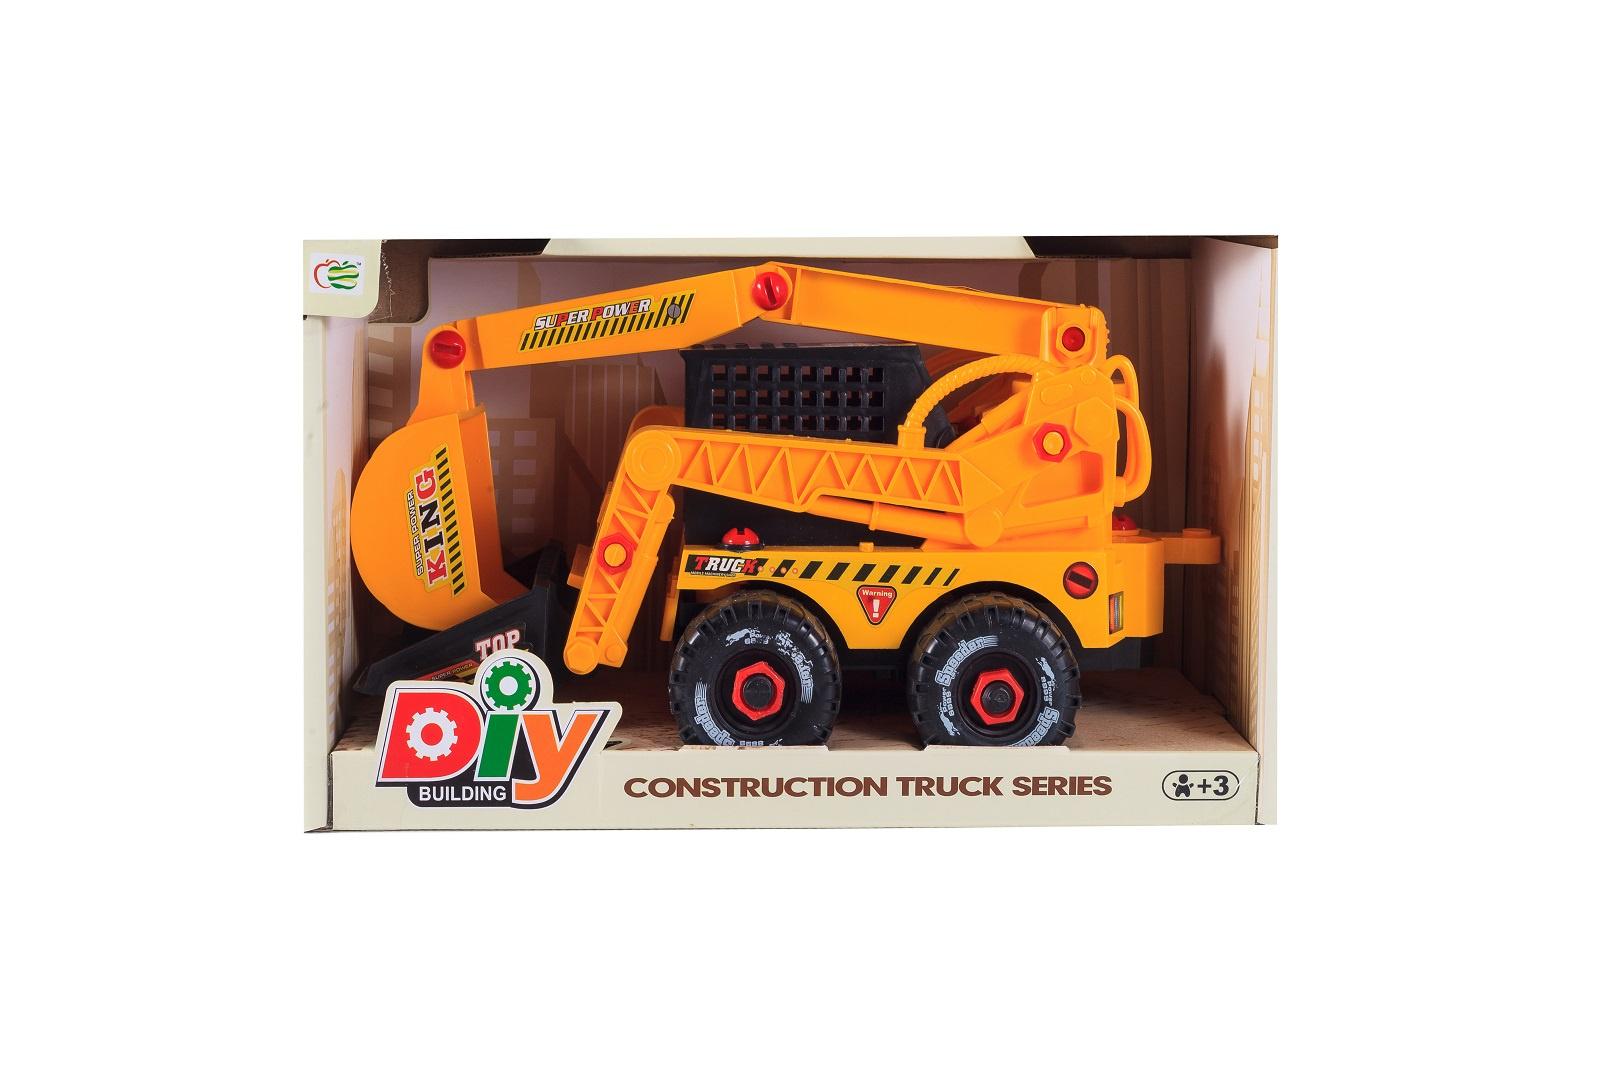 Машинка-конструктор S+S Спецтехника, 101021020, оранжевый